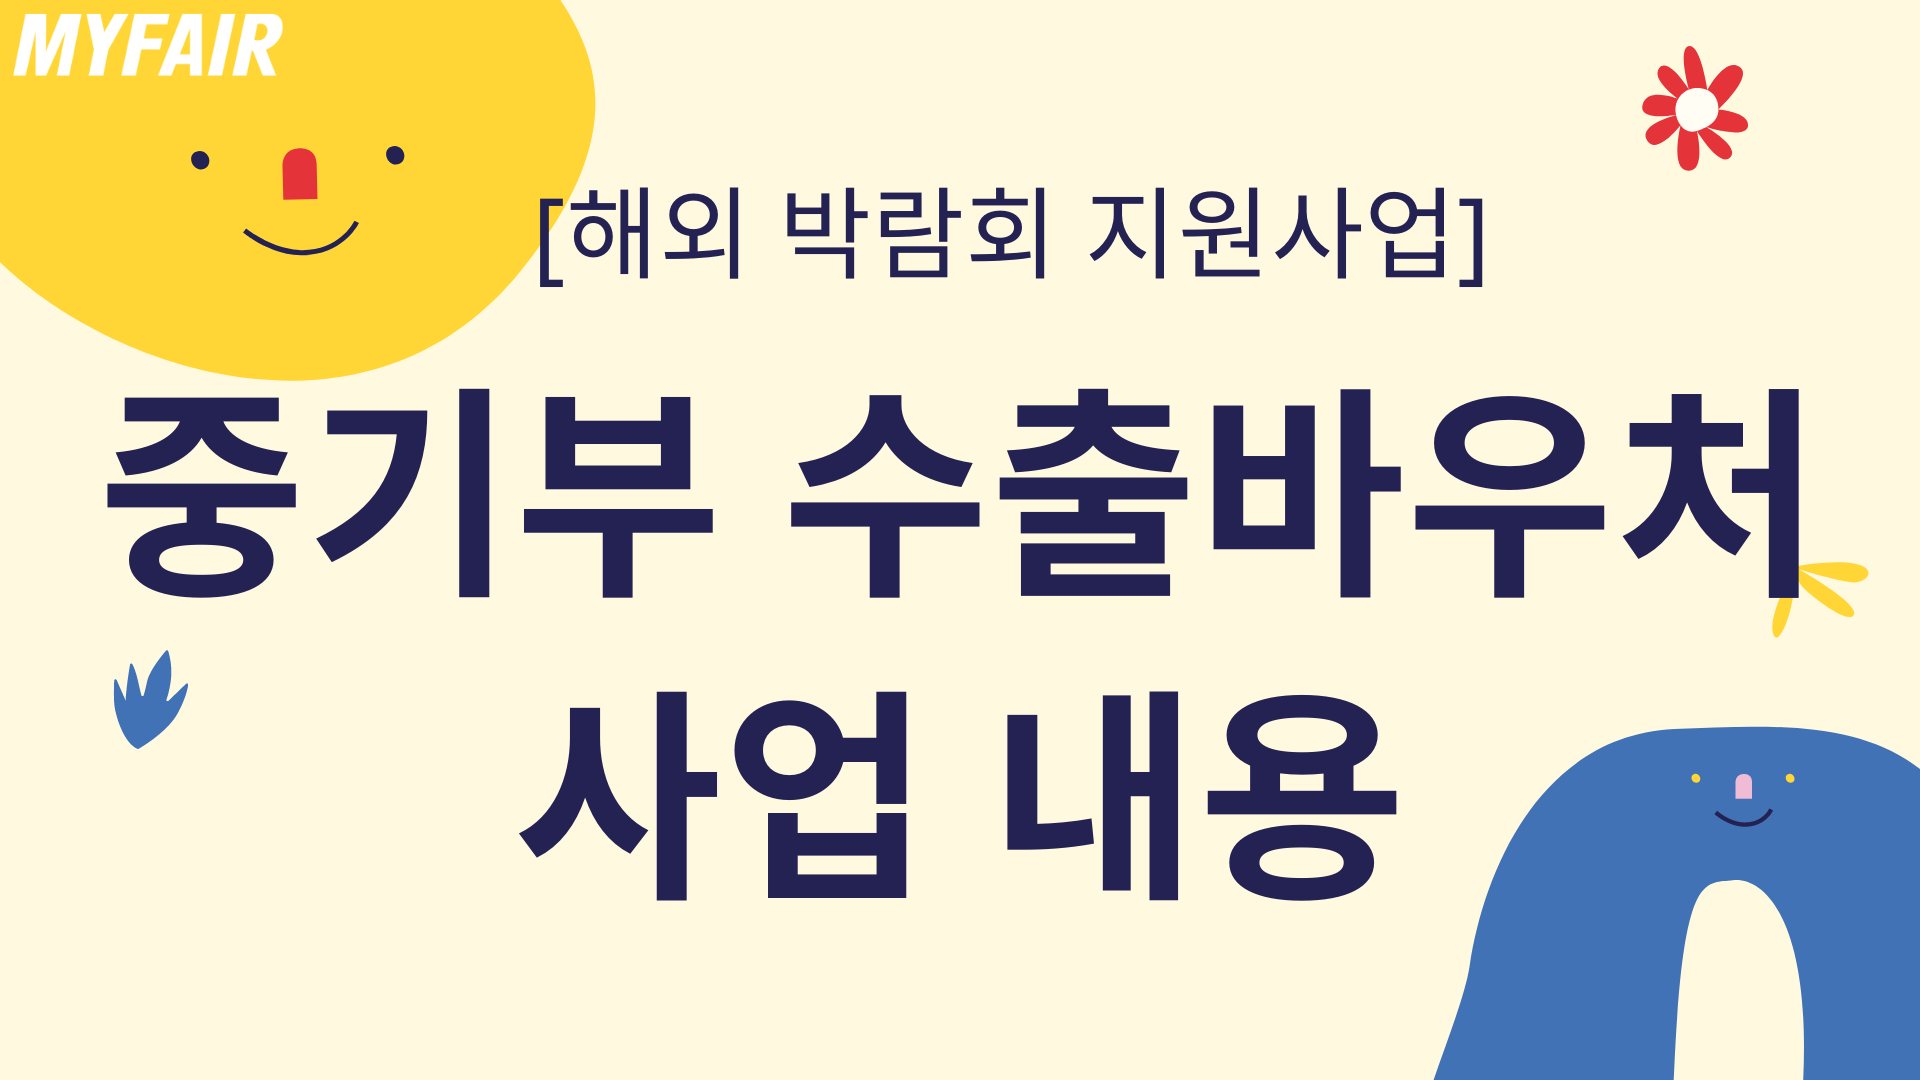 [해외박람회 지원사업 뜯어보기] '중기부 수출바우처' 사업 내용